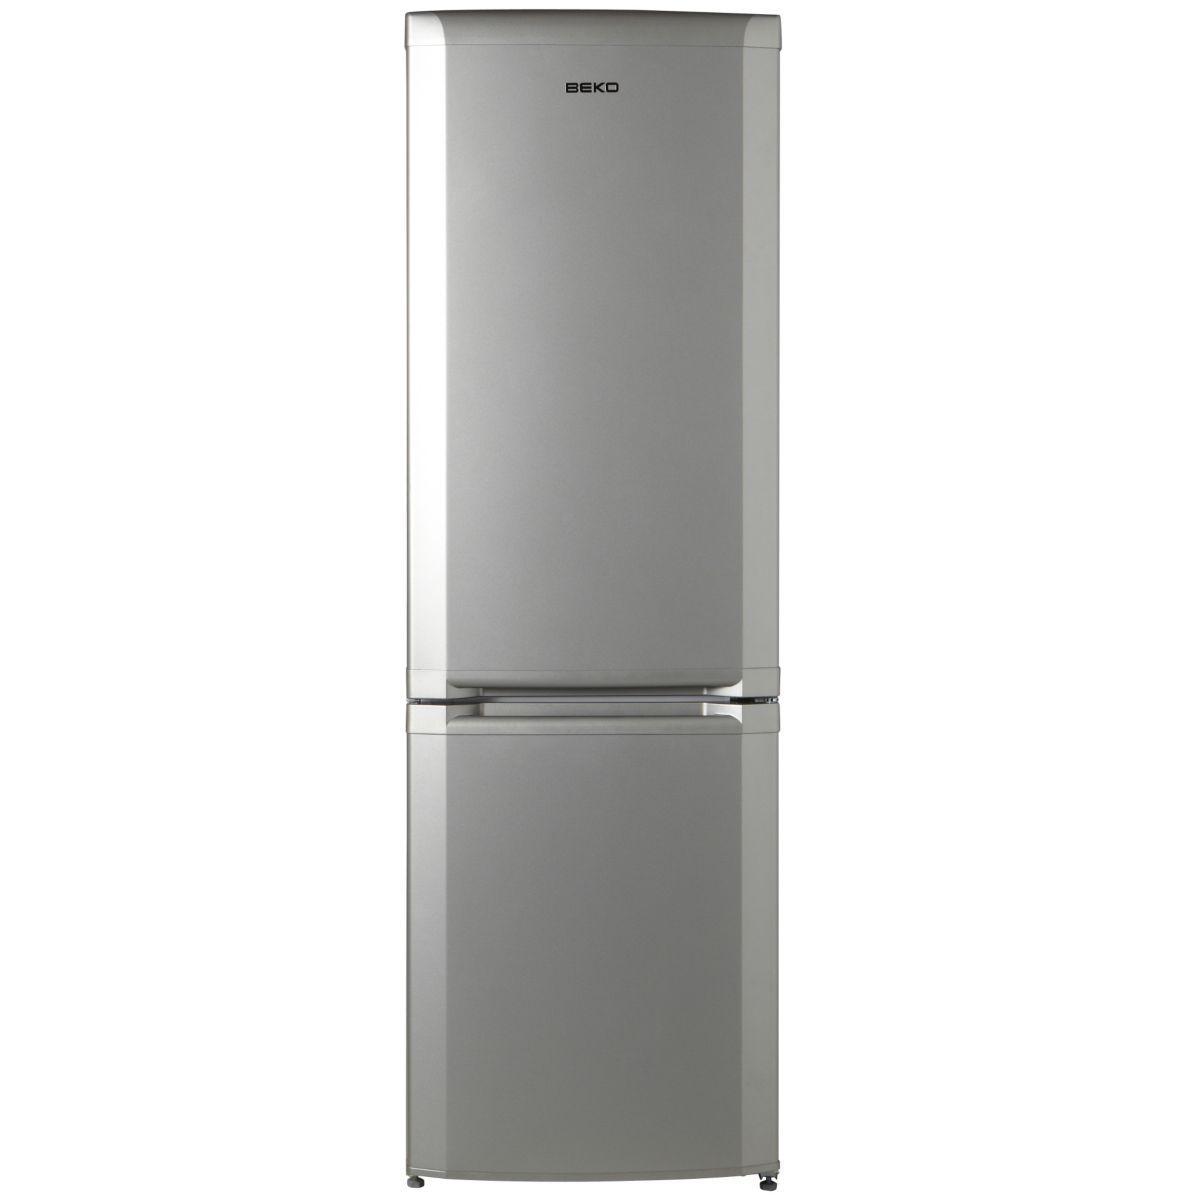 Réfrigérateur congélateur en bas beko csa29020s - 2% de remise : code gam2 (photo)